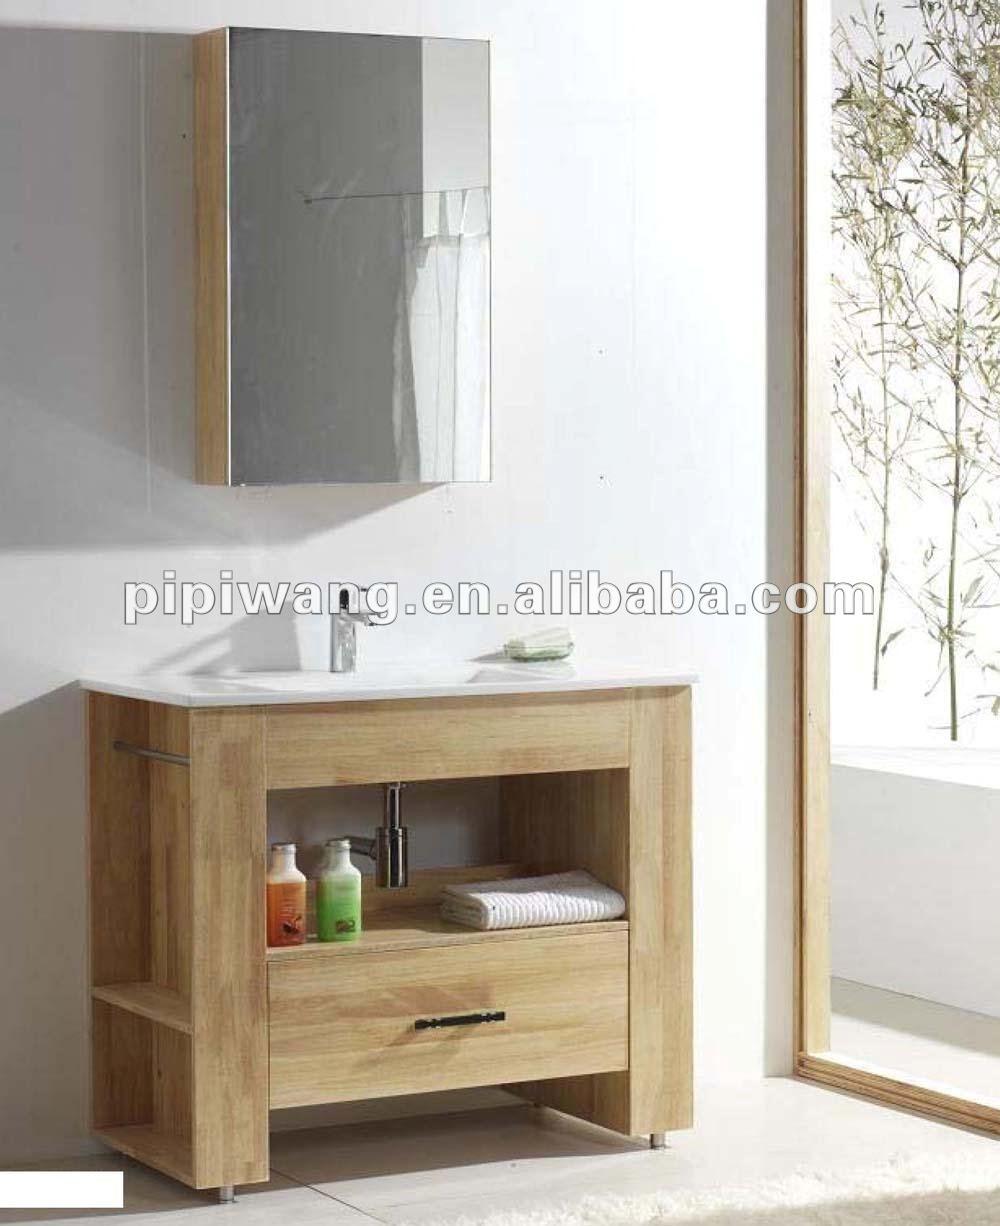 Comprar ofertas platos de ducha muebles sofas spain for Banos modernos madera